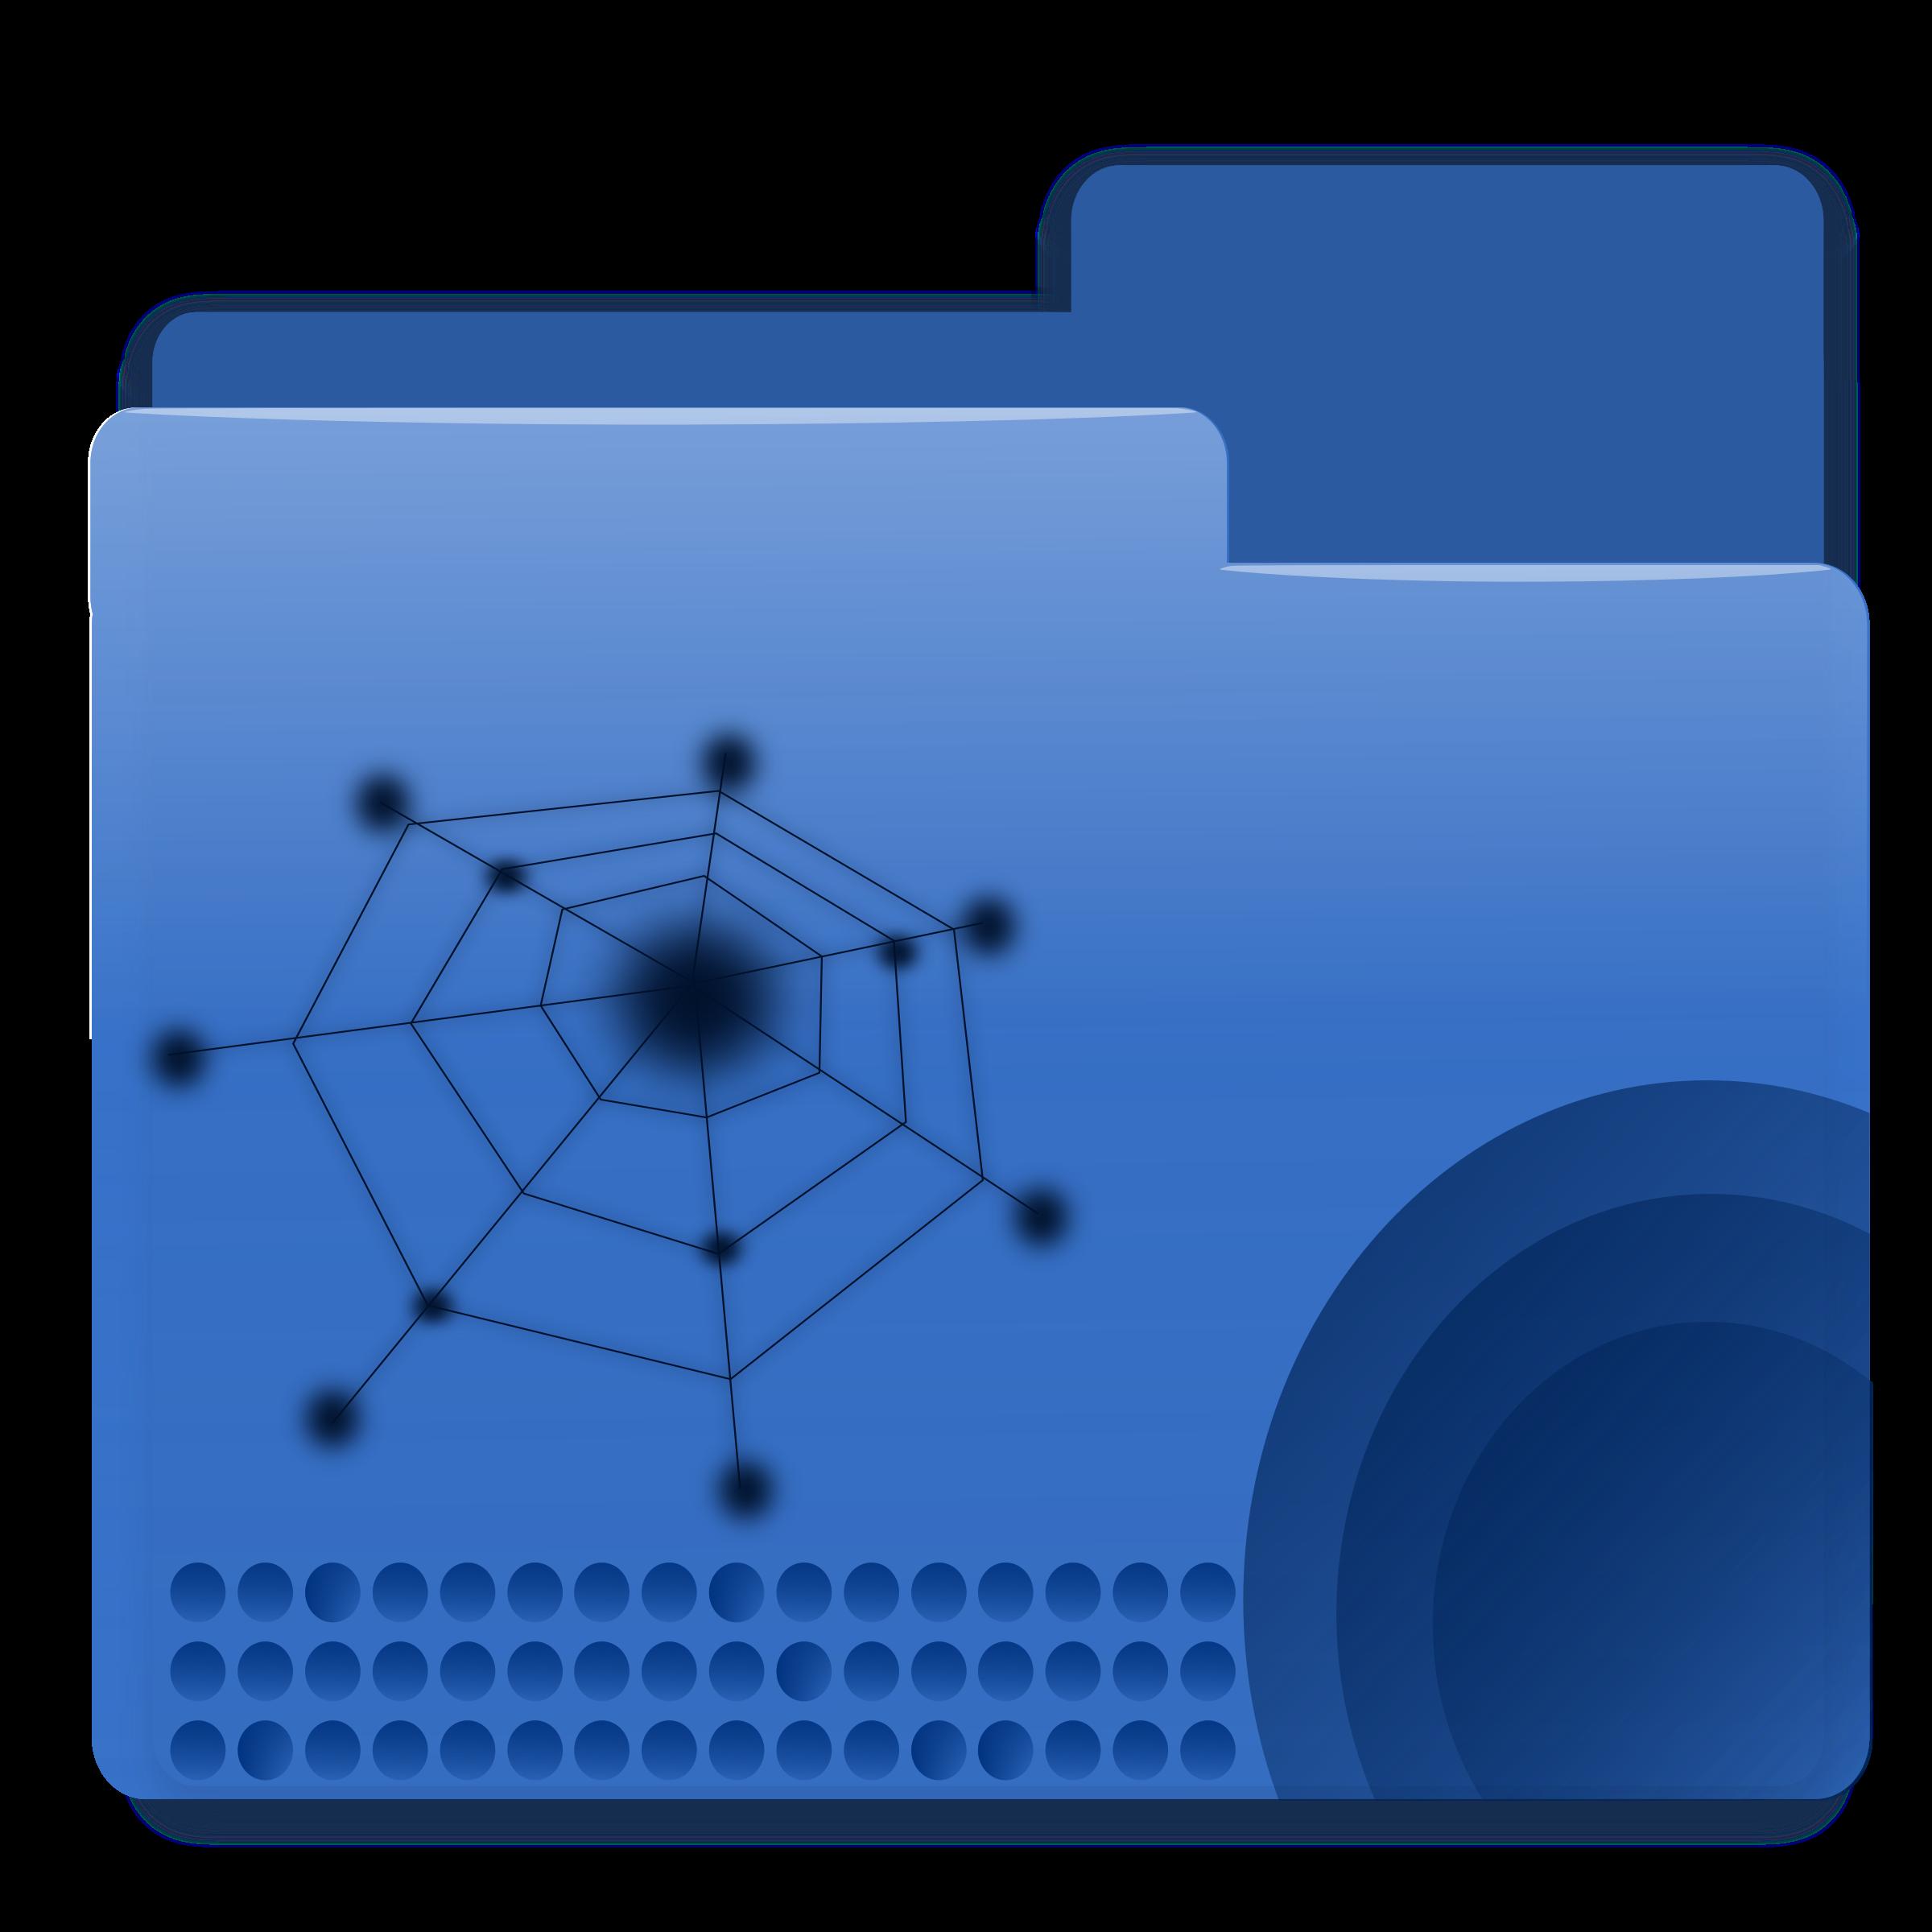 Big image png. Folder clipart blue folder